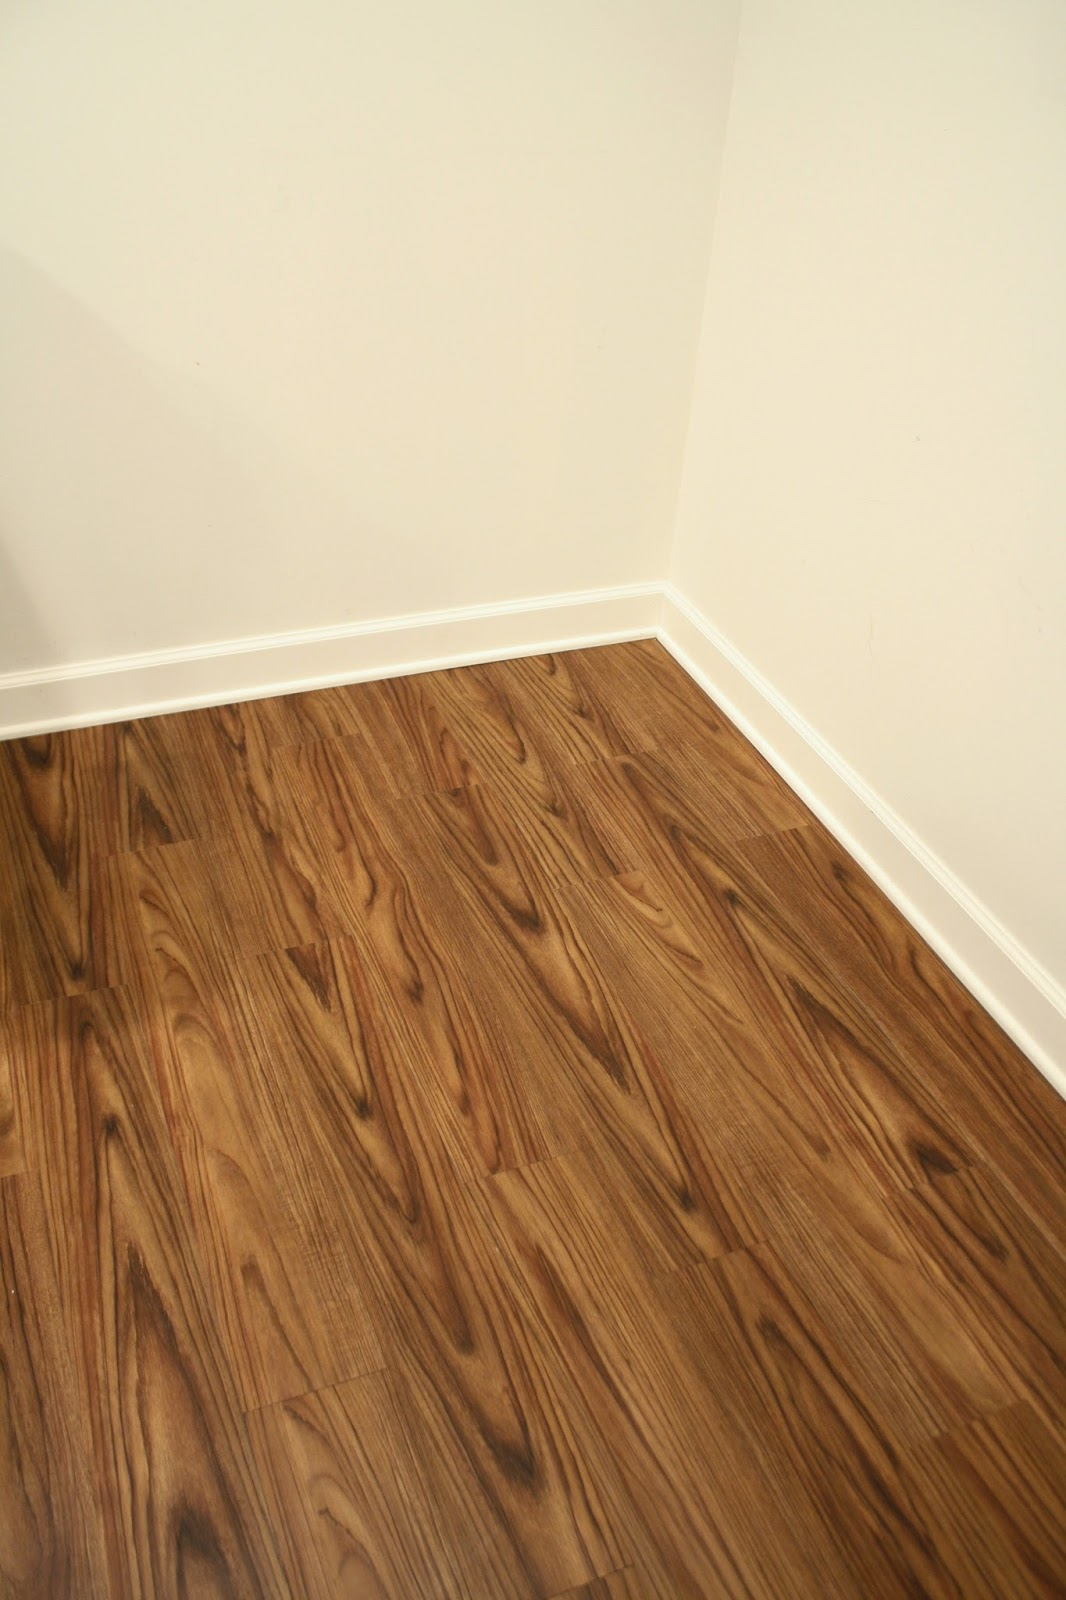 Vinyl Flooring That Looks Like Wood For The Basement